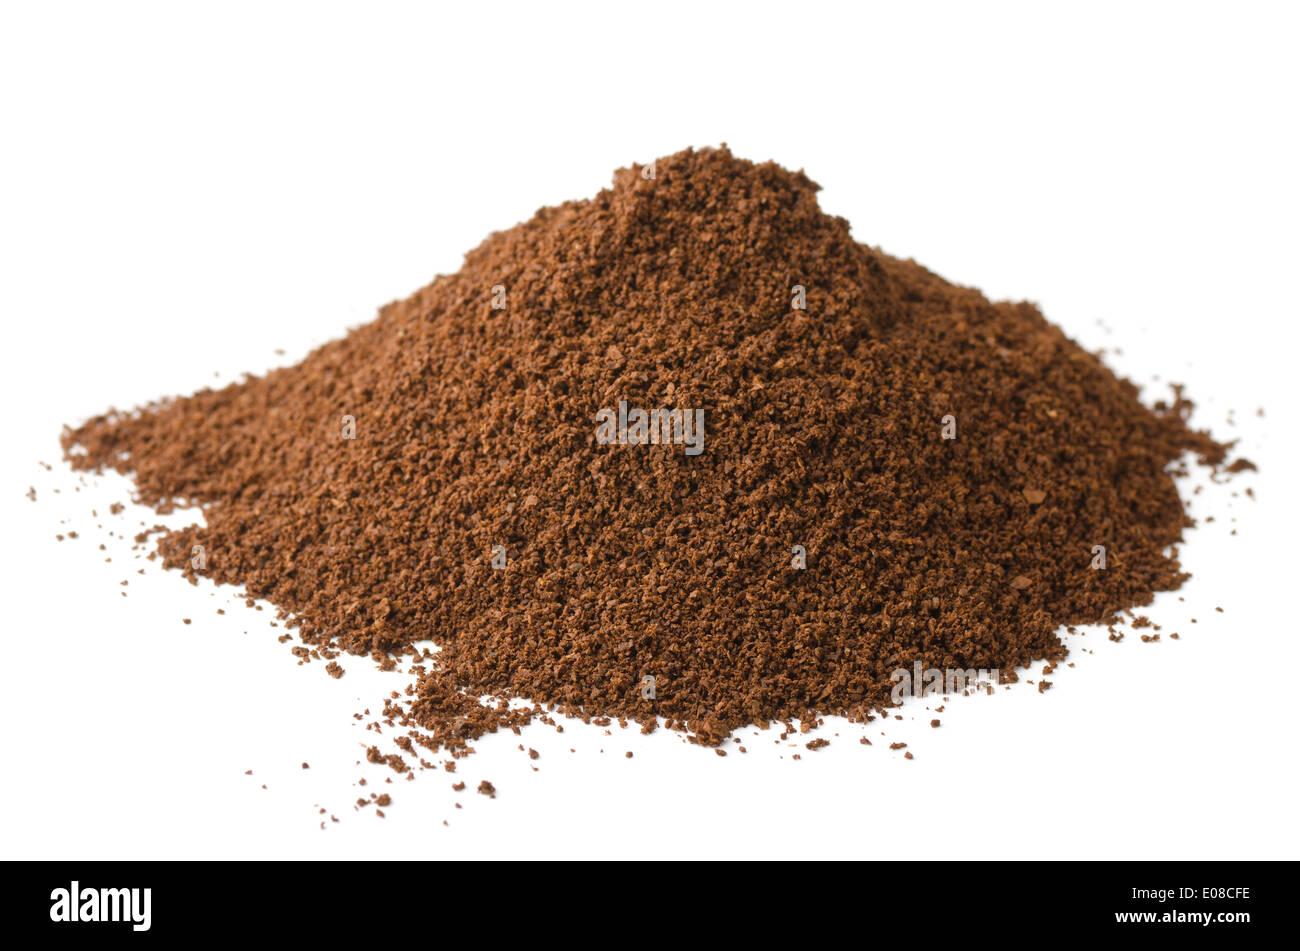 Montón de café recién molido en polvo aislado en blanco Imagen De Stock